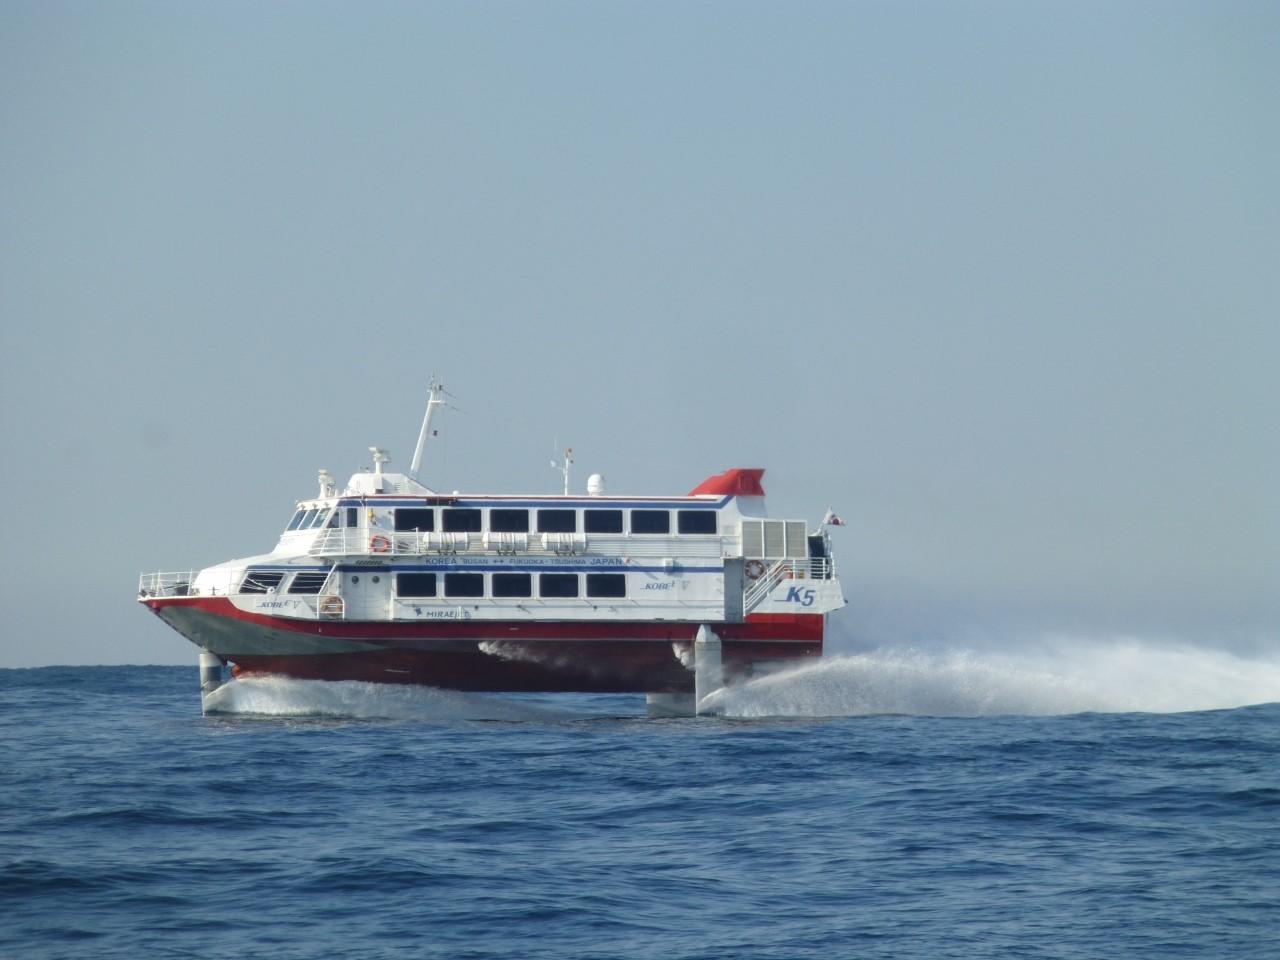 2月23日今度は高速艇が近くを通過します